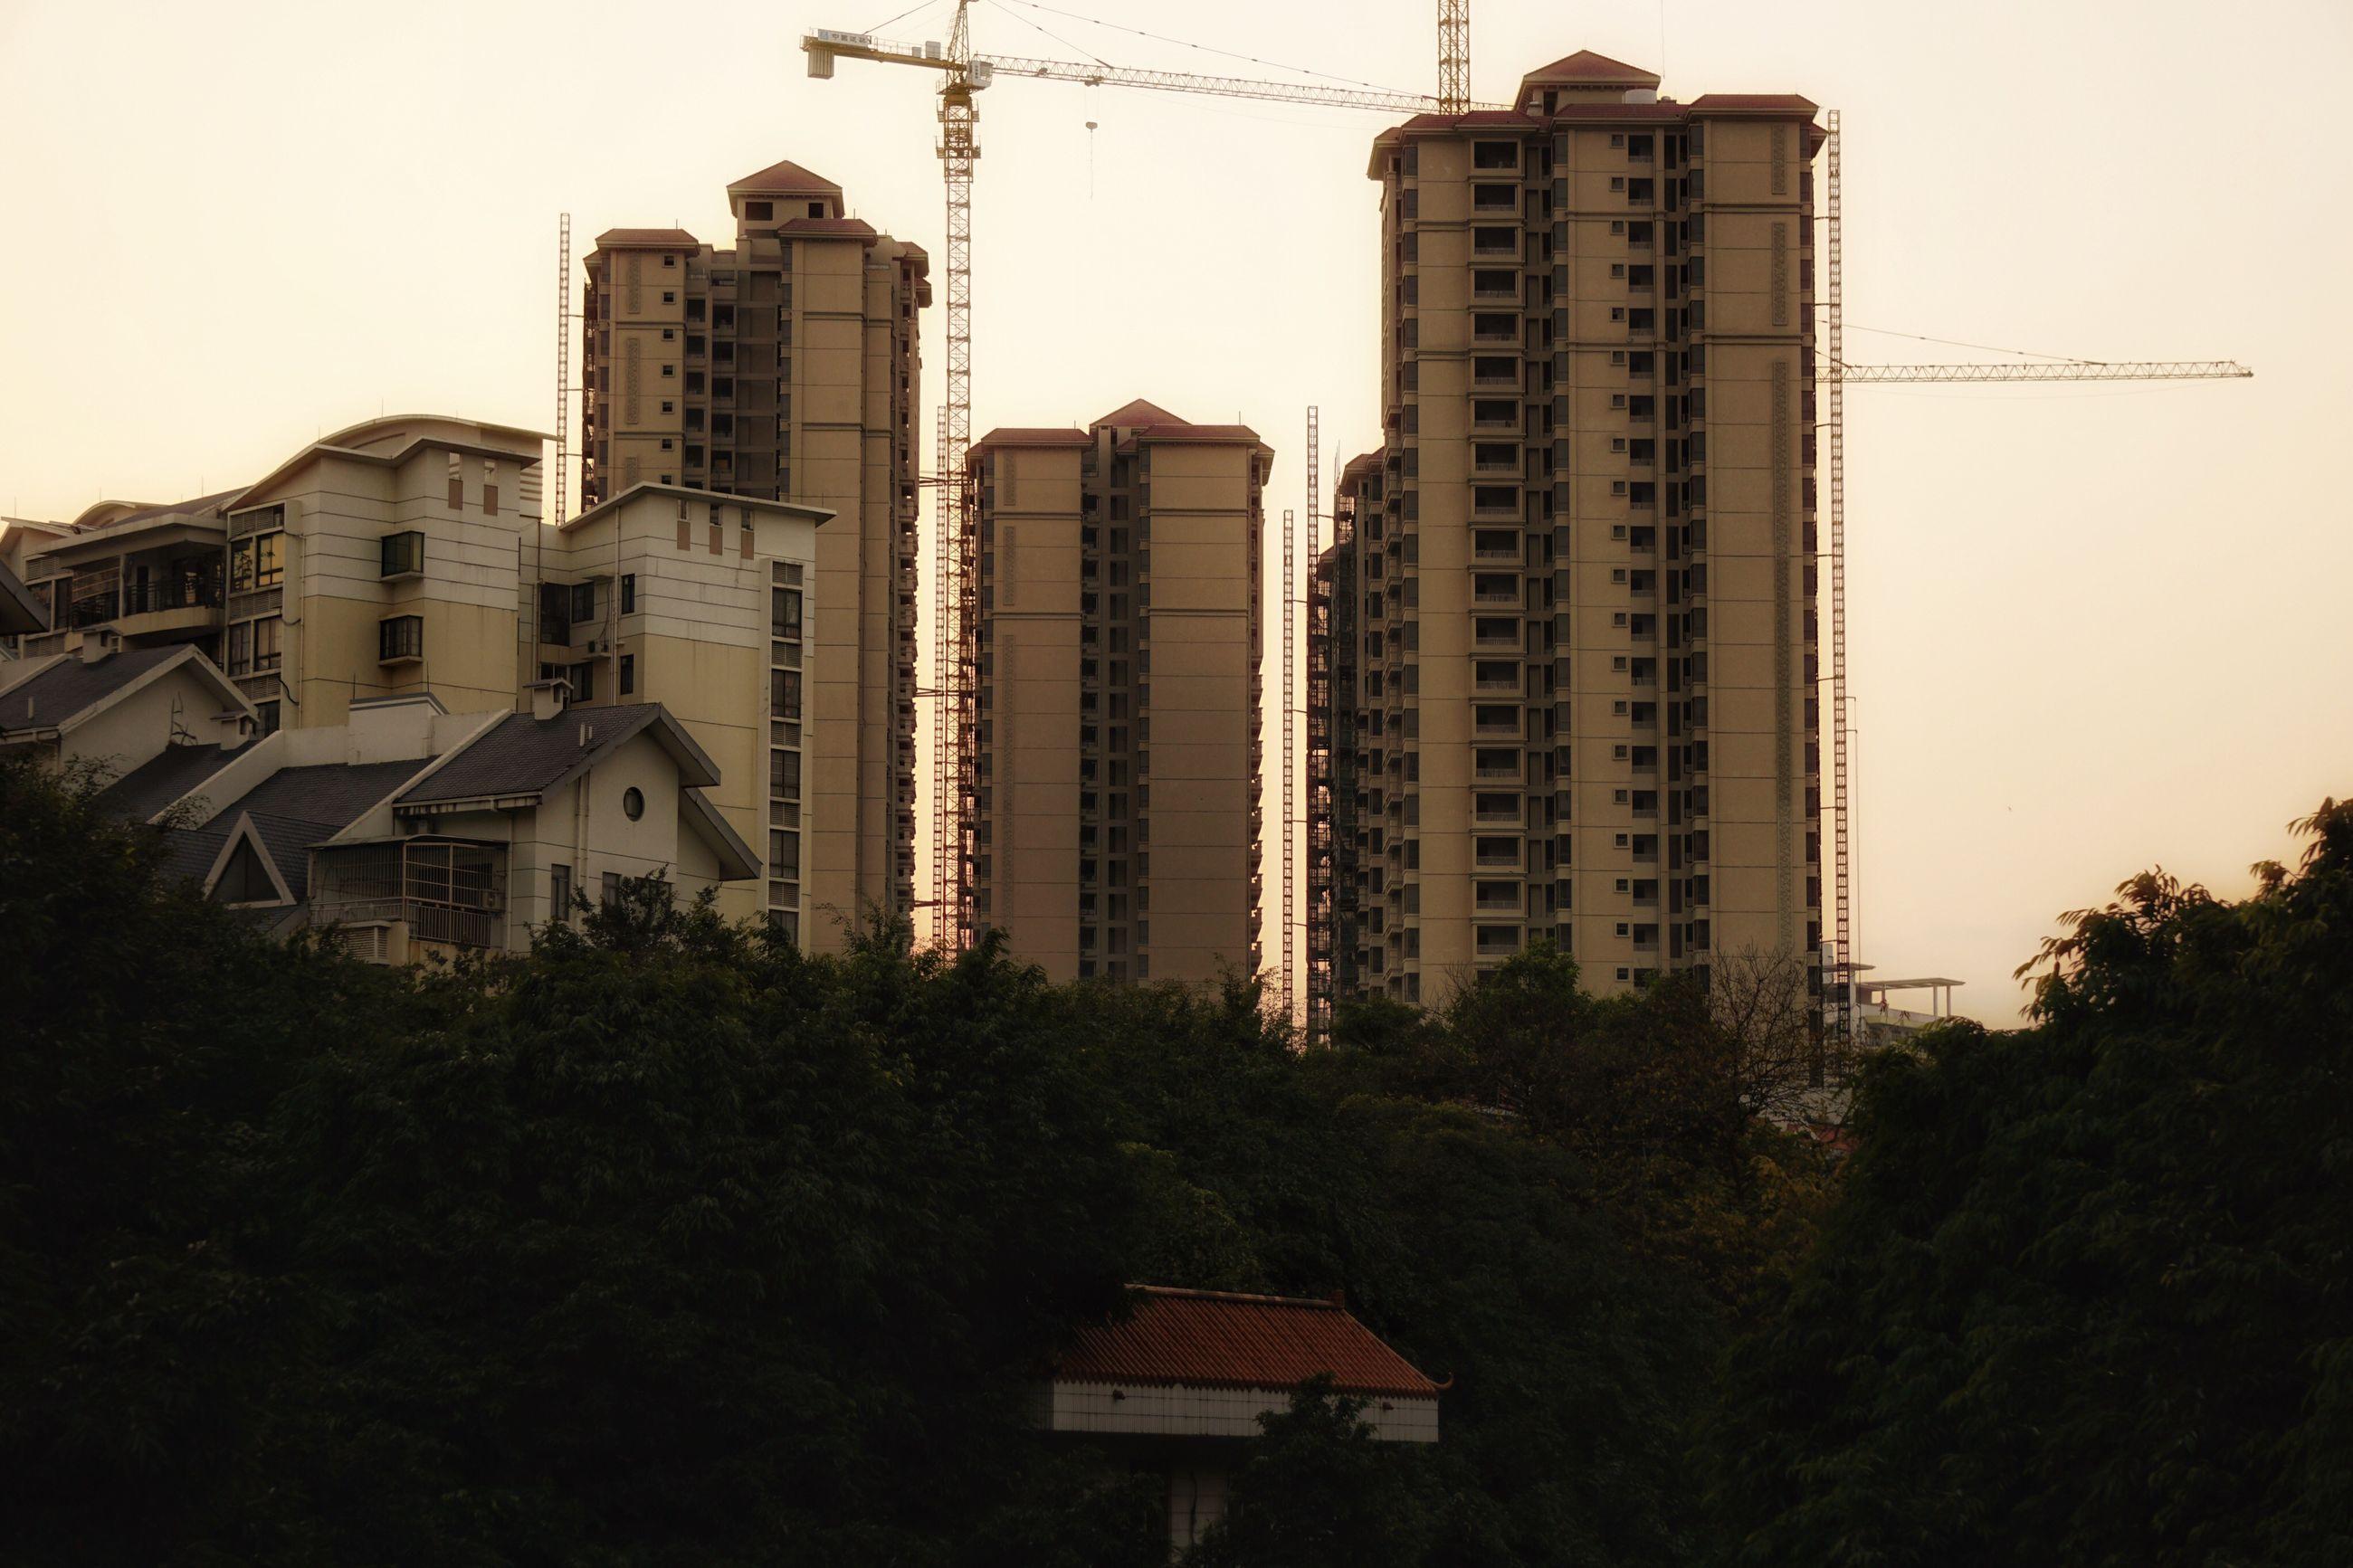 TALL BUILDINGS AGAINST SKY